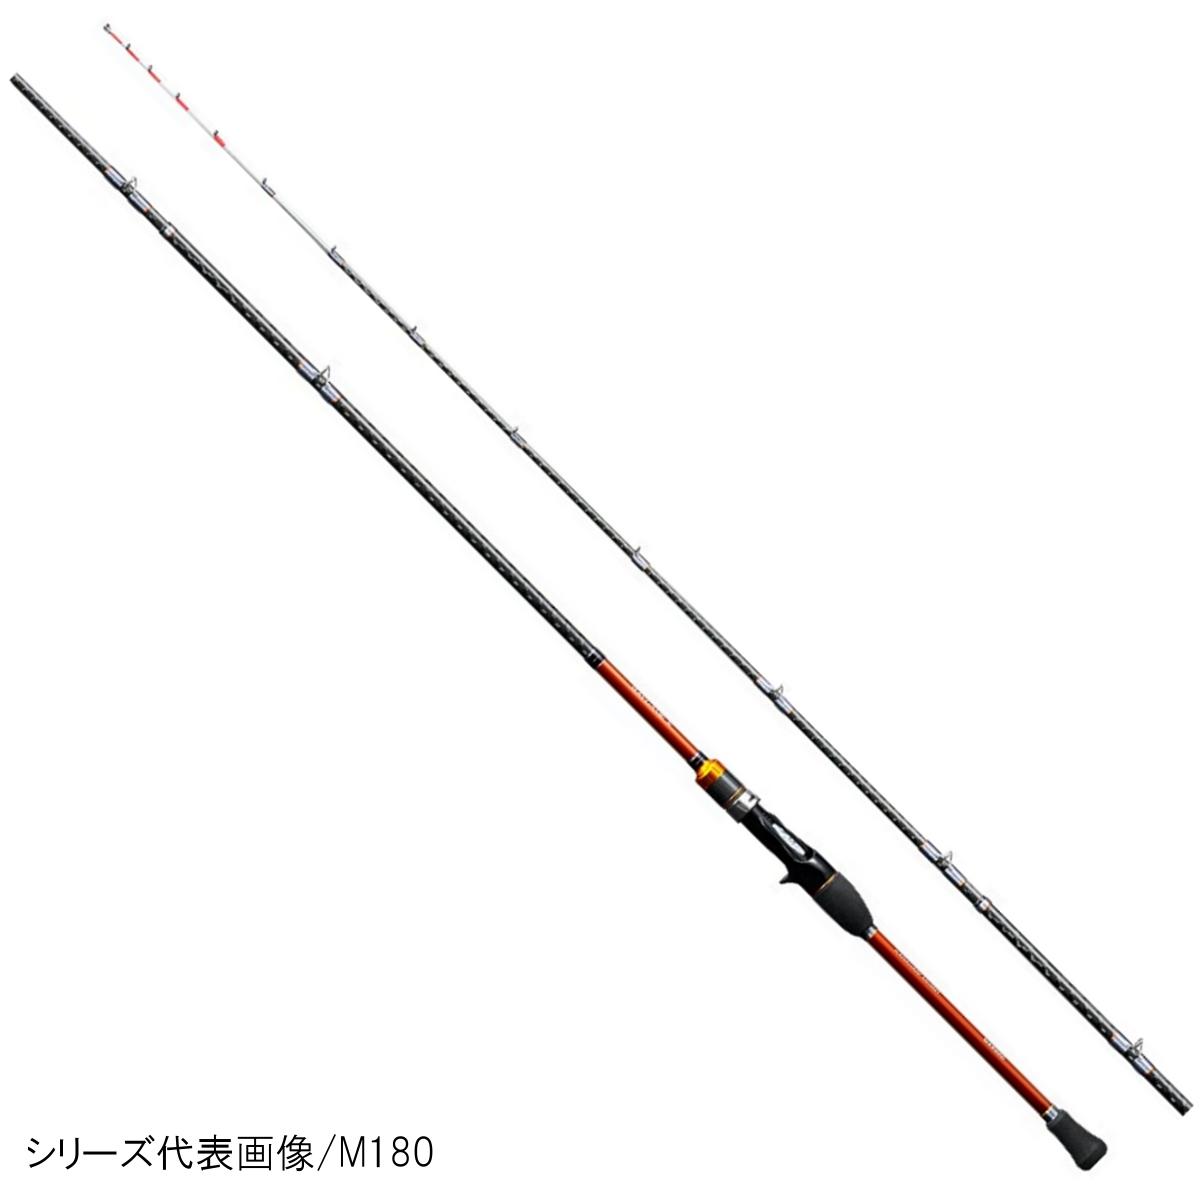 シマノ ベイゲーム X カワハギ H175(東日本店)